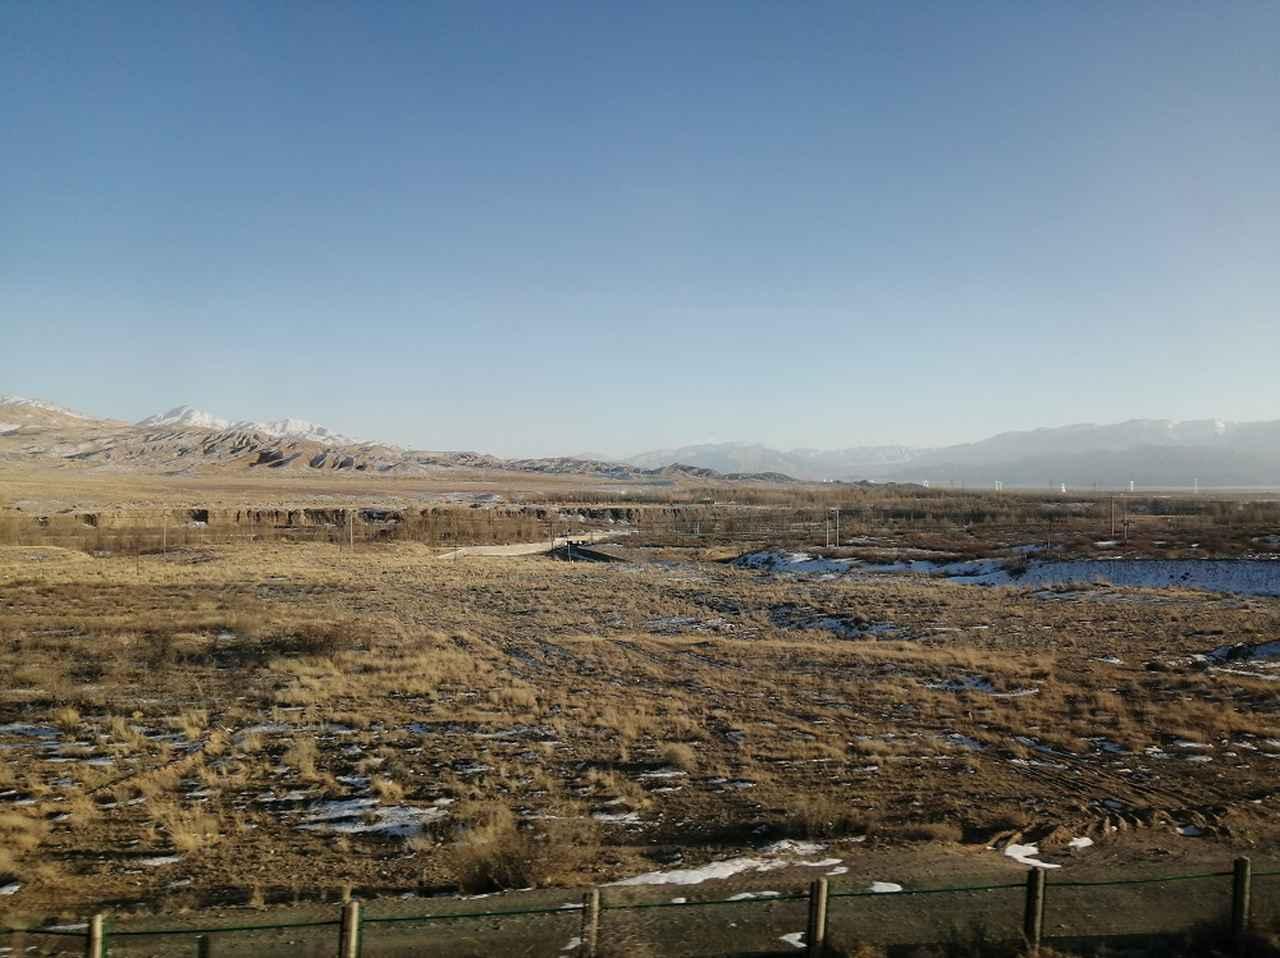 画像: 荒涼とした高原と山々の景色が永遠と続く。中国の広大さ、魅力の深さを改めて感じる。